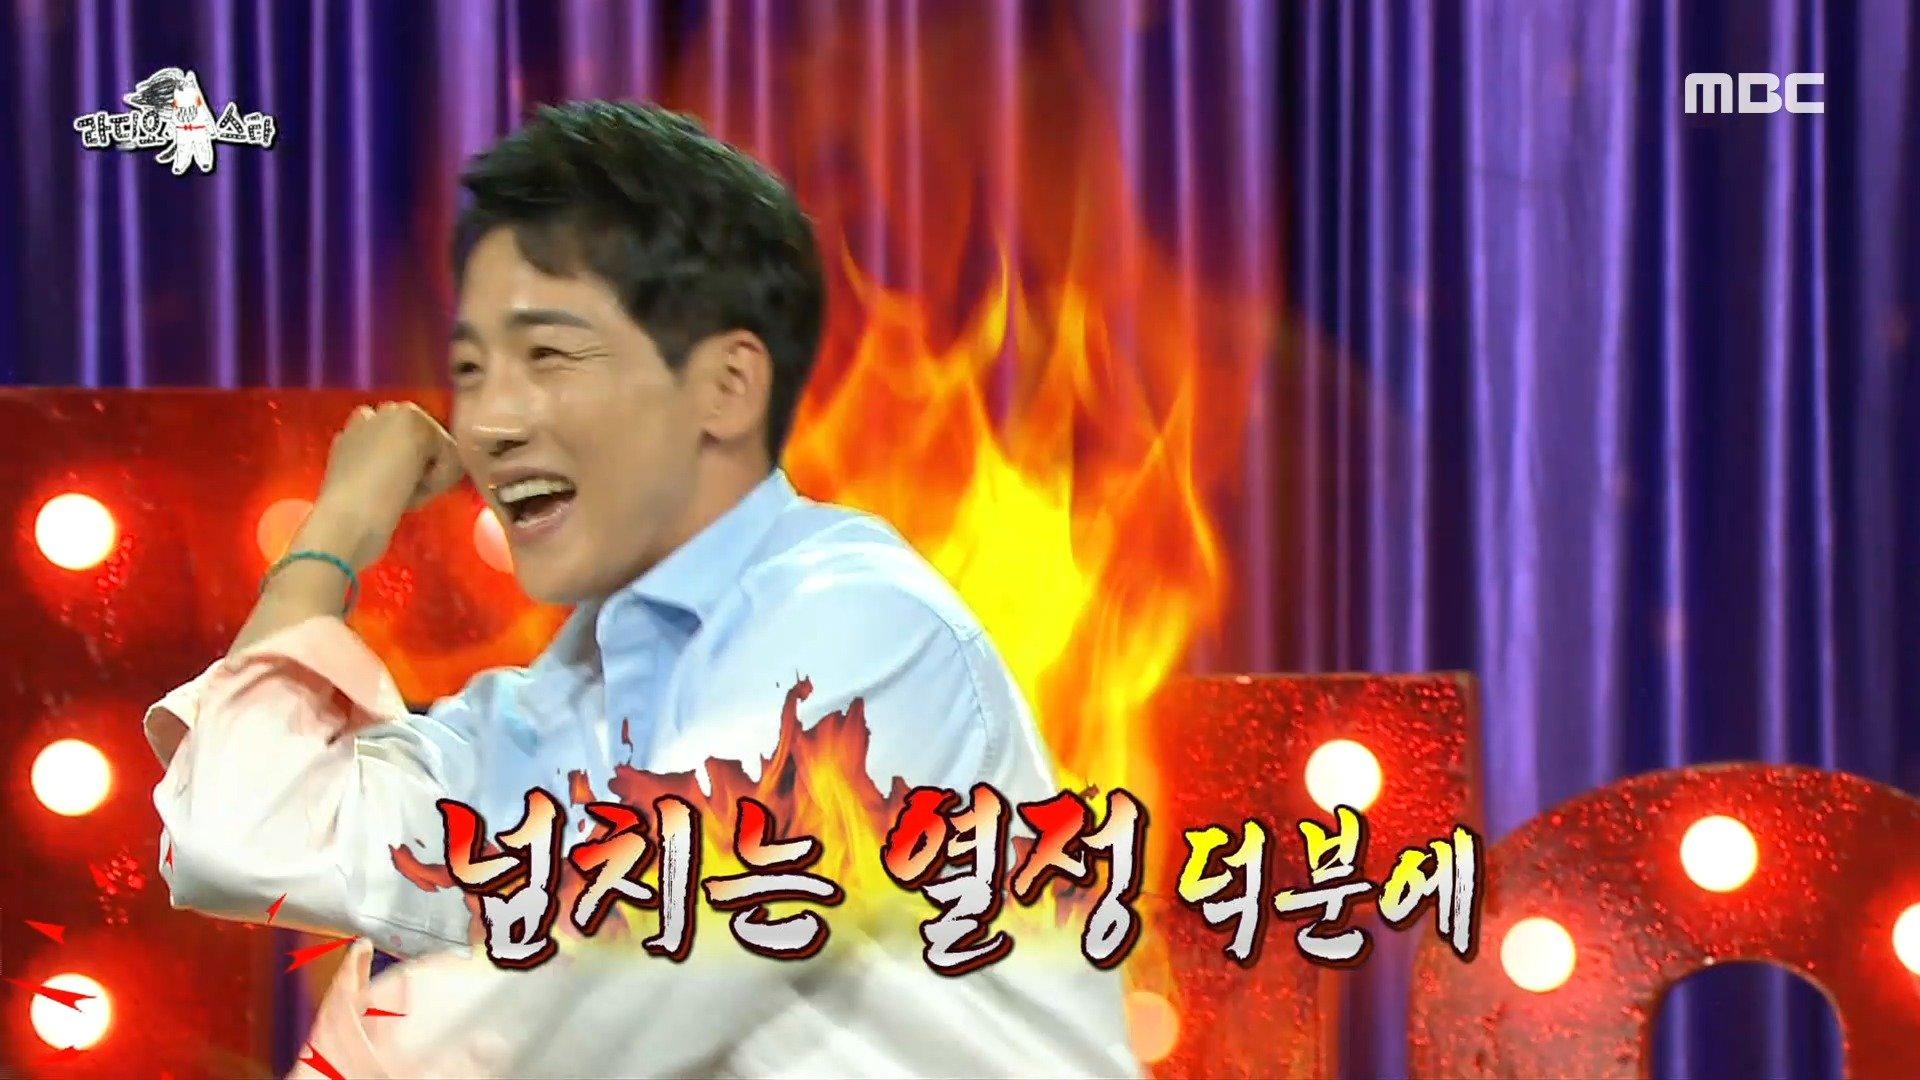 군인 반 가수 반! 트롯특전사 박군이 부르는 <한잔해> , MBC 210721 방송